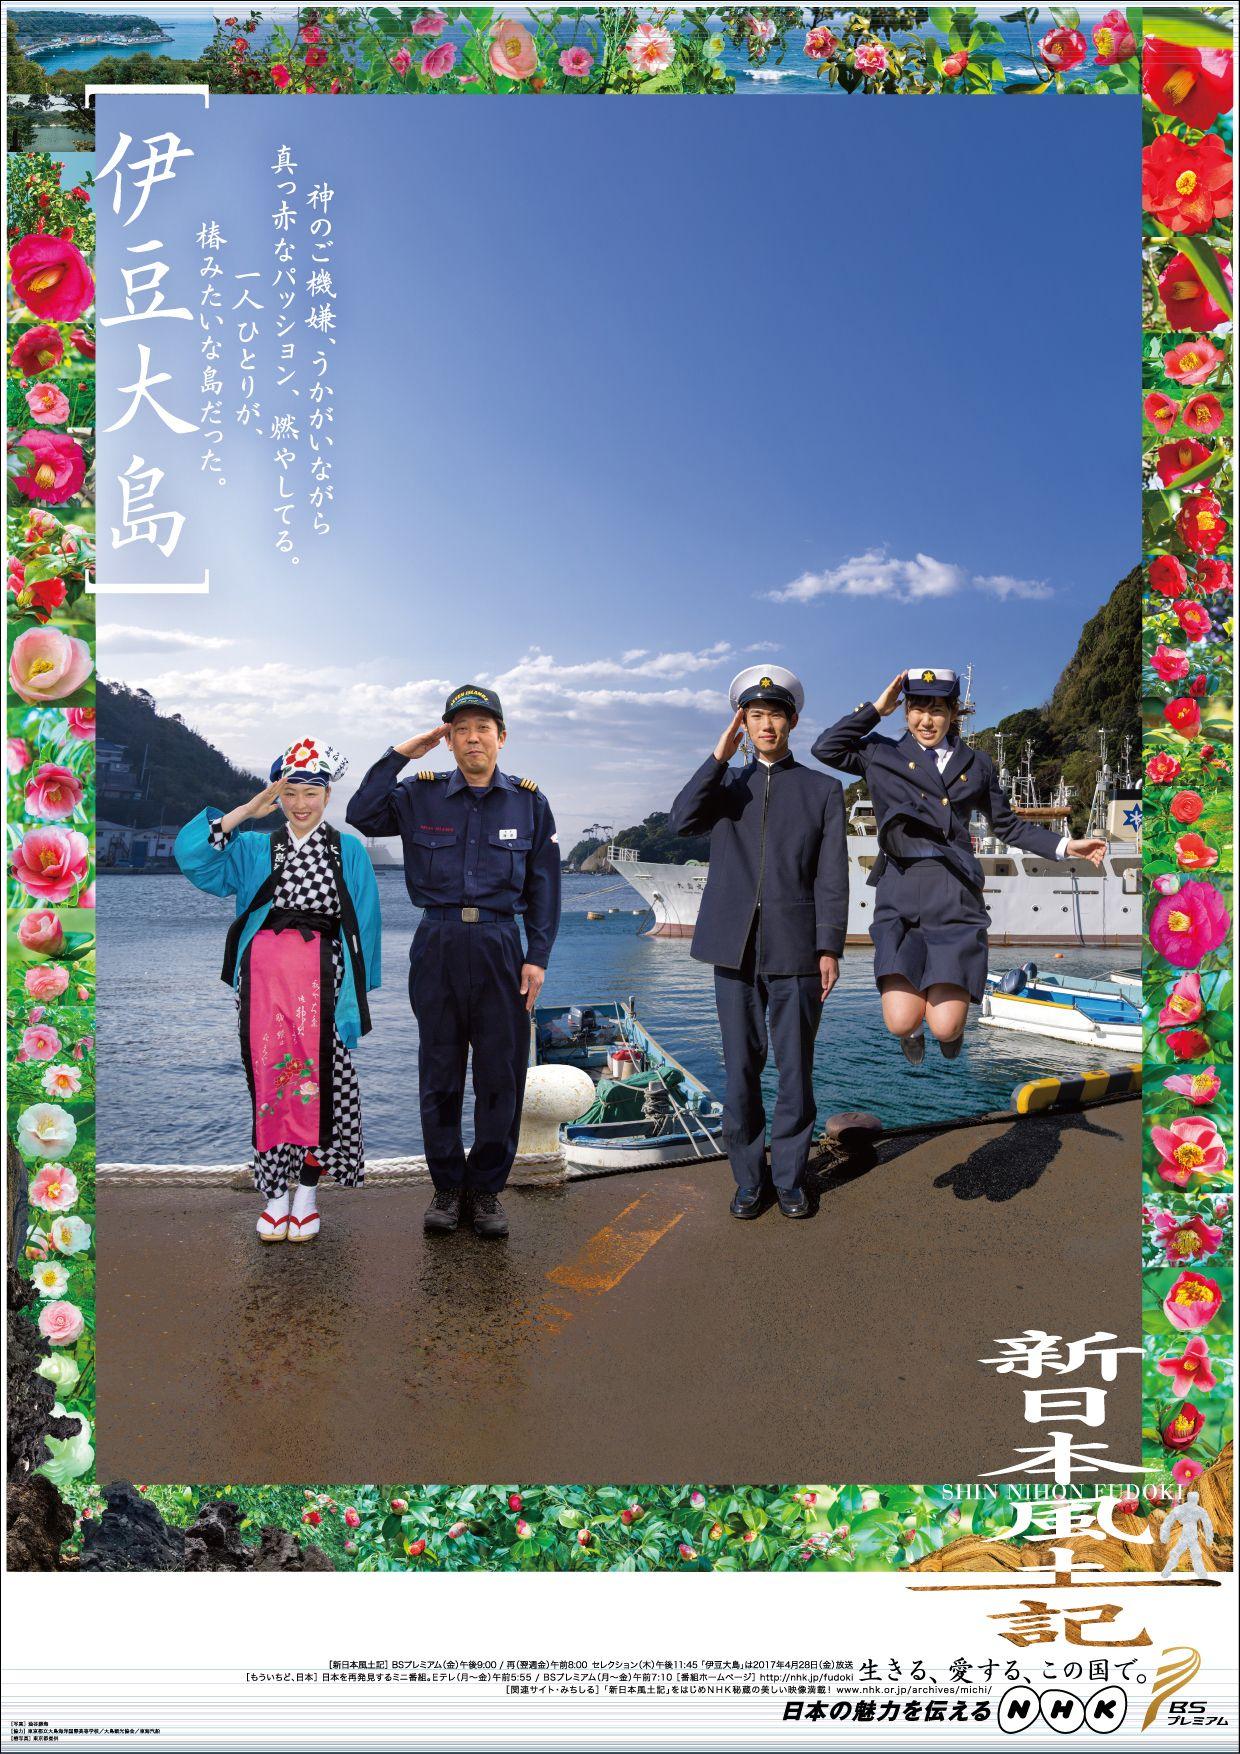 伊豆大島 のポスター graphic design kanagawa graphic